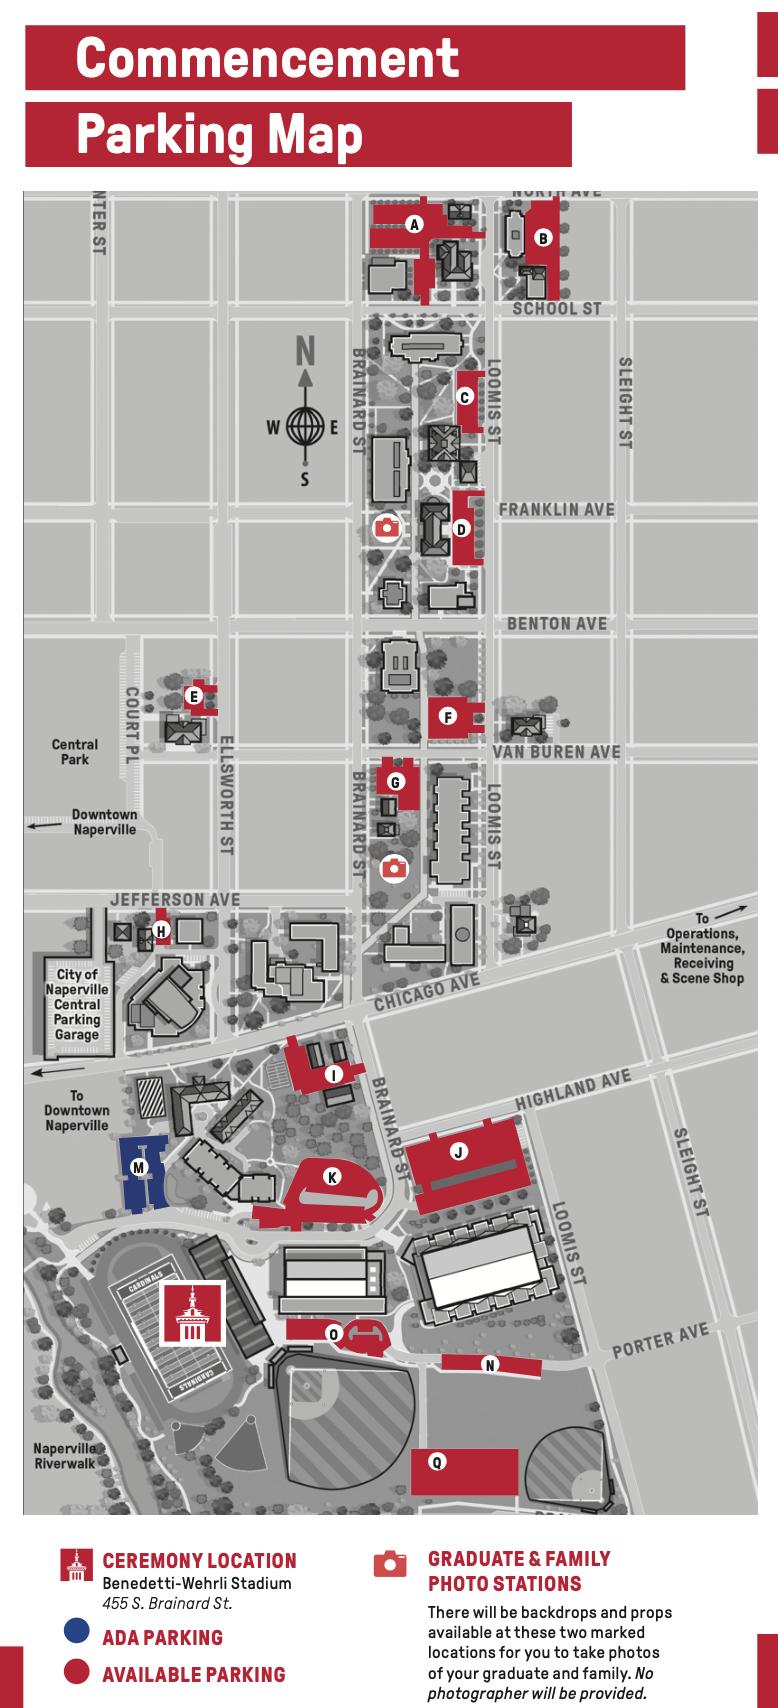 commencement parking map